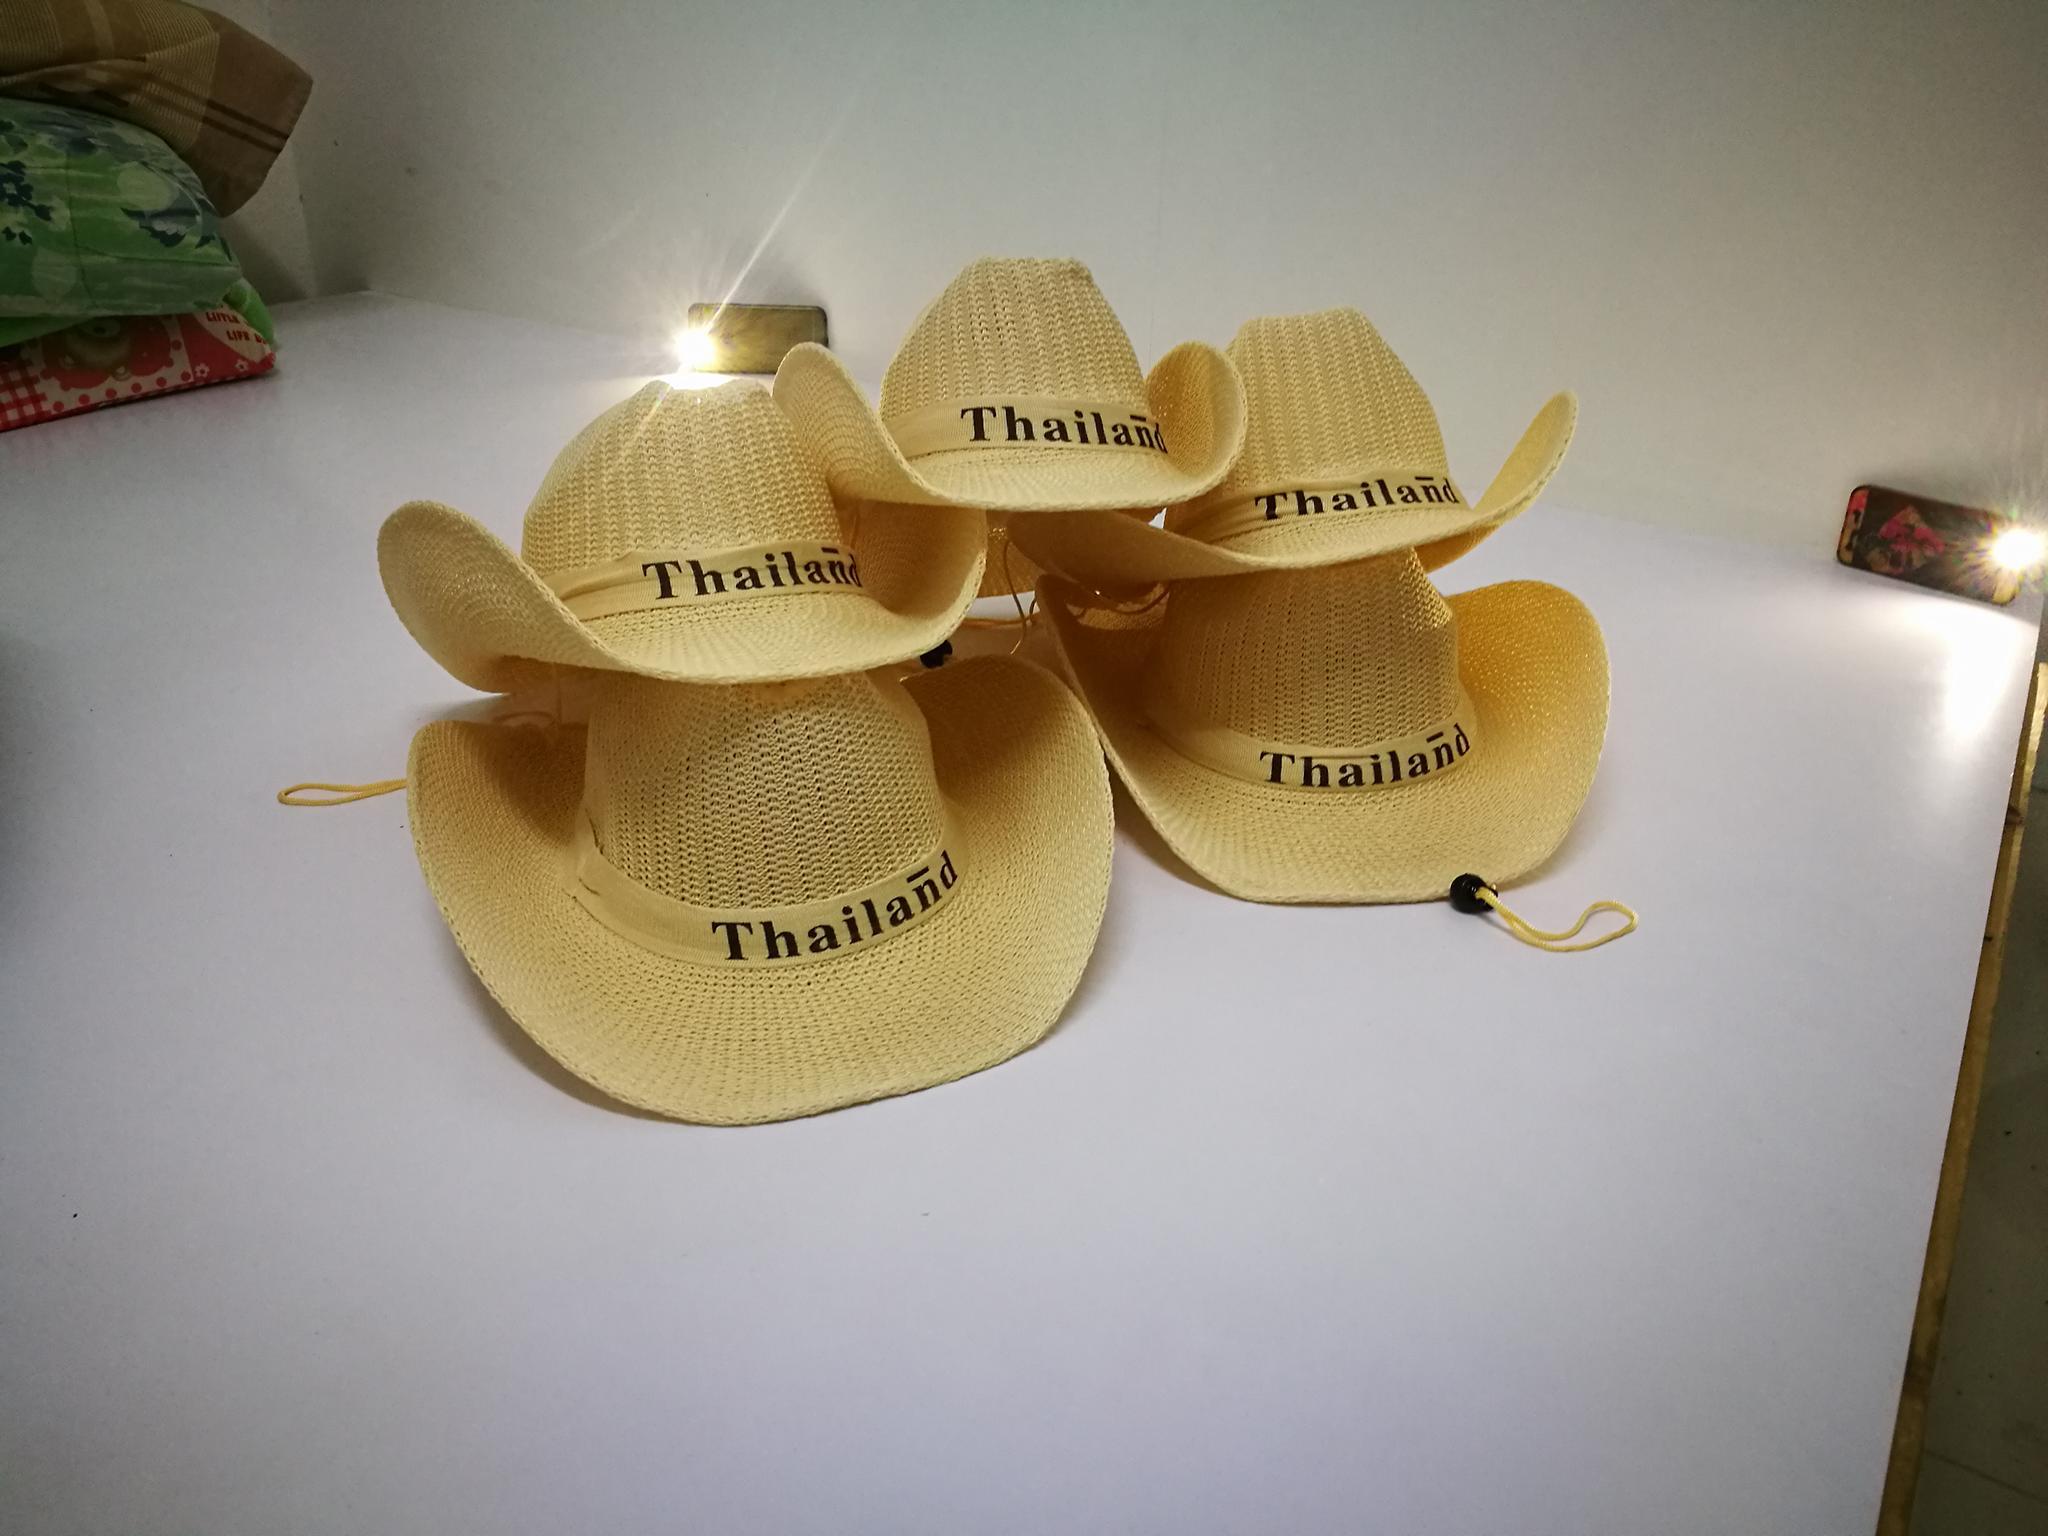 หมวกสาน งานป้ายญี่ปุ่น แนว ปานามา วัยรุ่นชอบ ตลาดโรงเกลือ